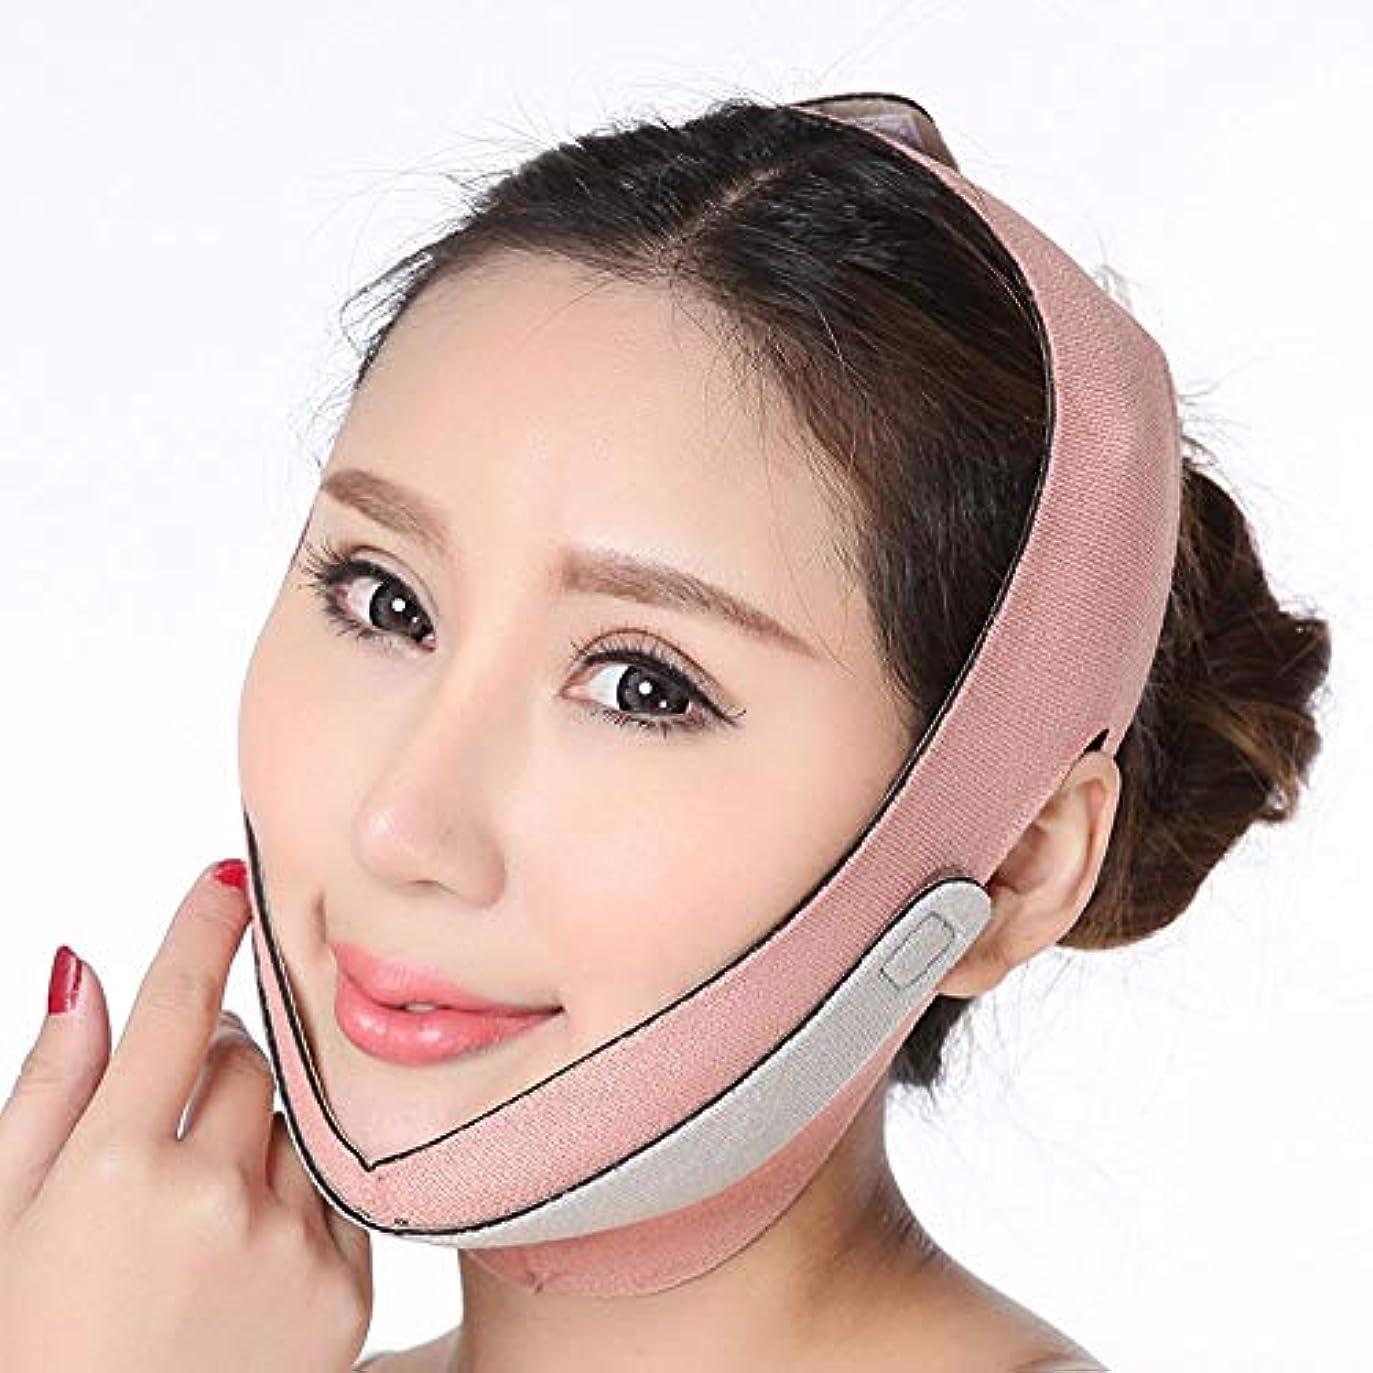 ハウス騒ぎ排出シンフェイス包帯シンフェイスマスクフェイスリフトアーティファクトレイズVフェイスシンフェイスフェイスリフティング美容マスク小フェイス包帯 (色 : A)